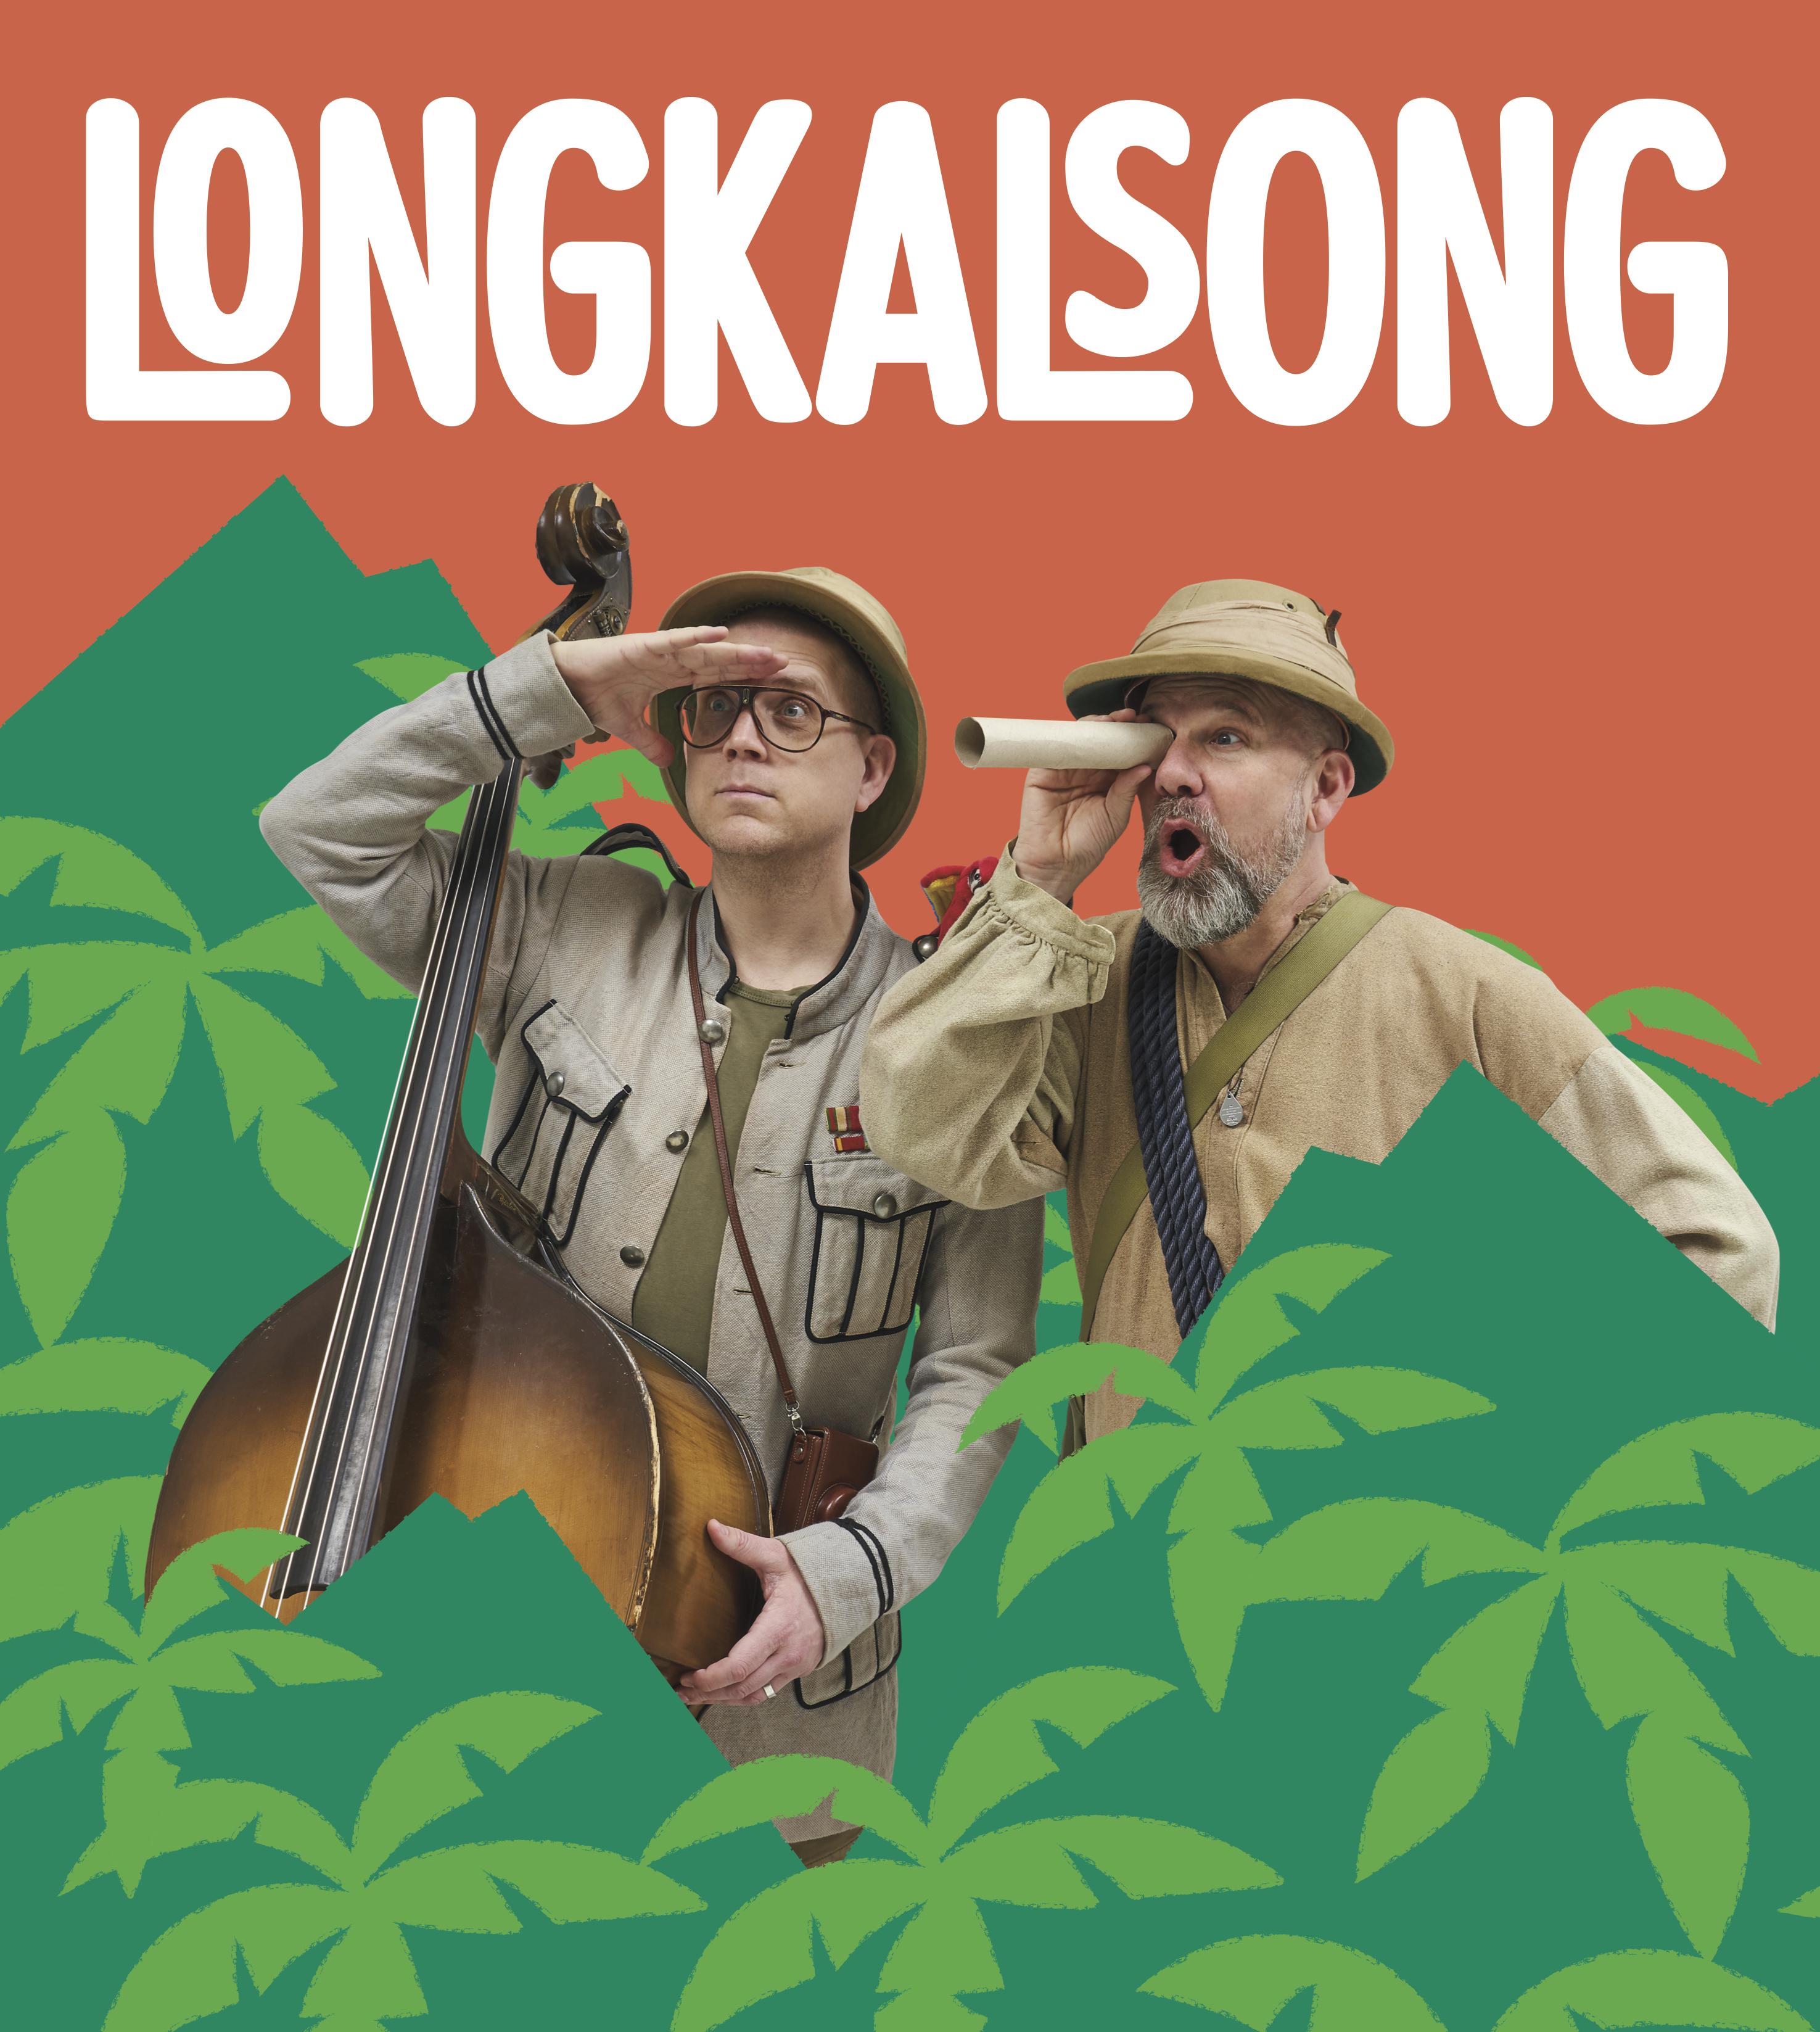 bild longkalsong 2019